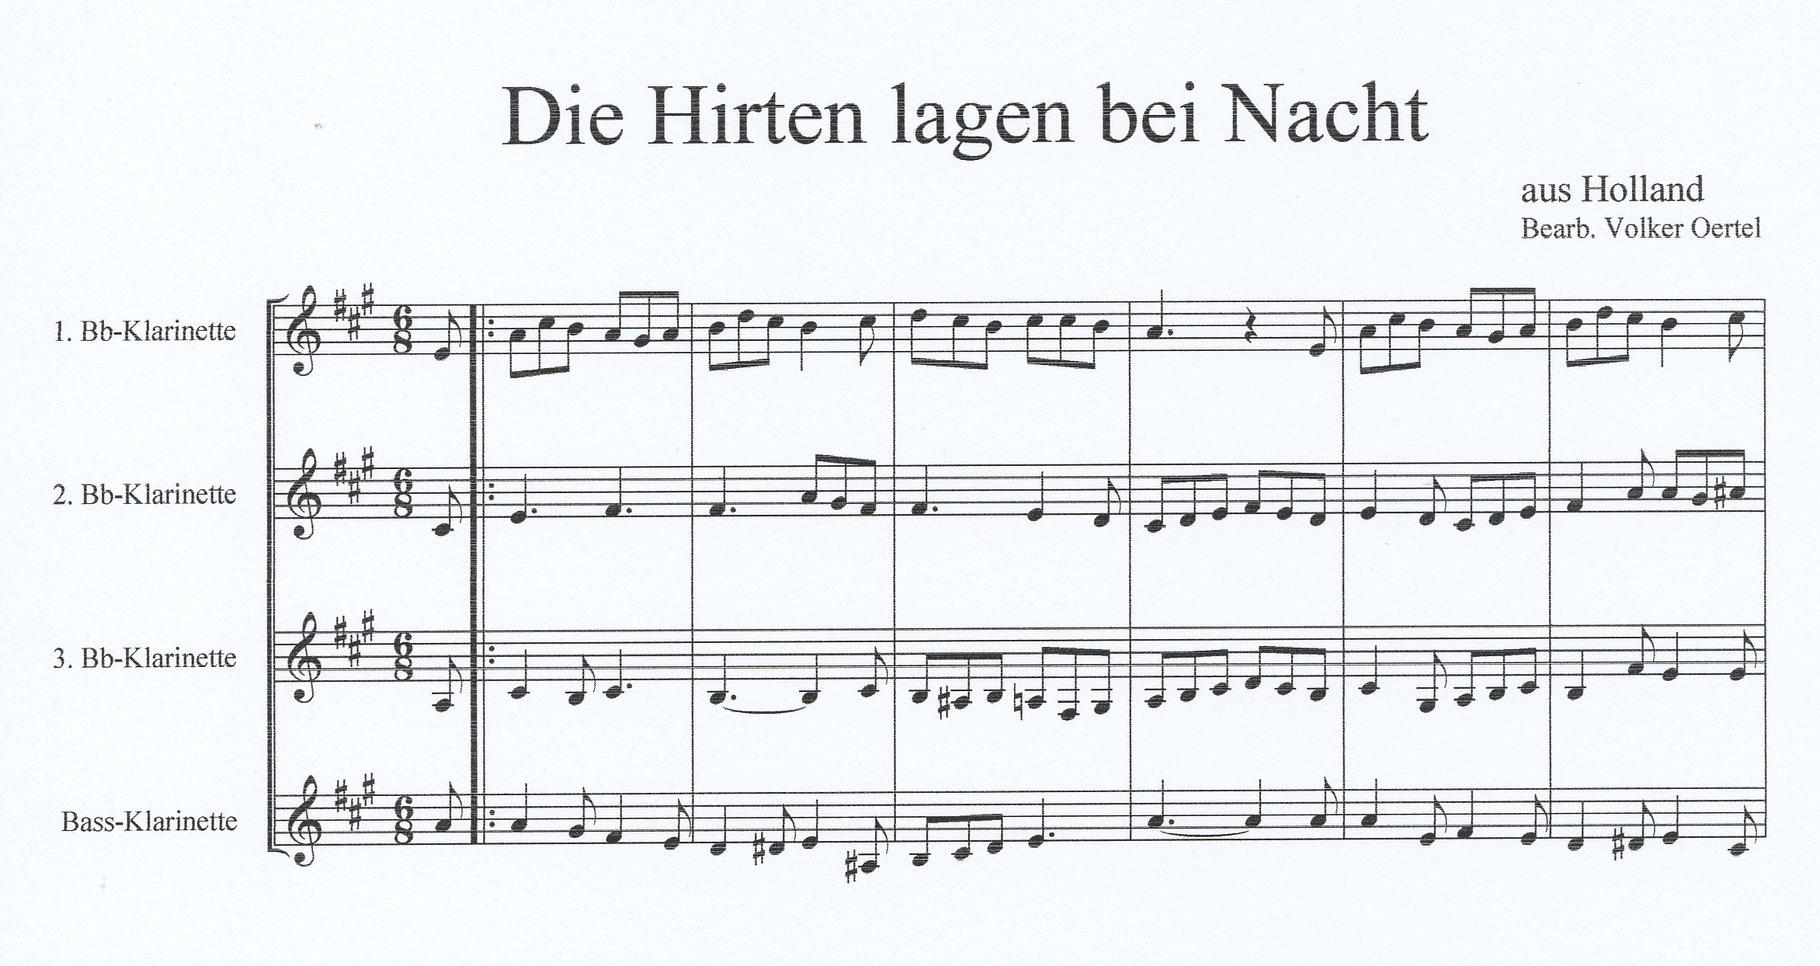 Klarinettenquartett - Edition Volker Oertel - Musik und Fotografie ...